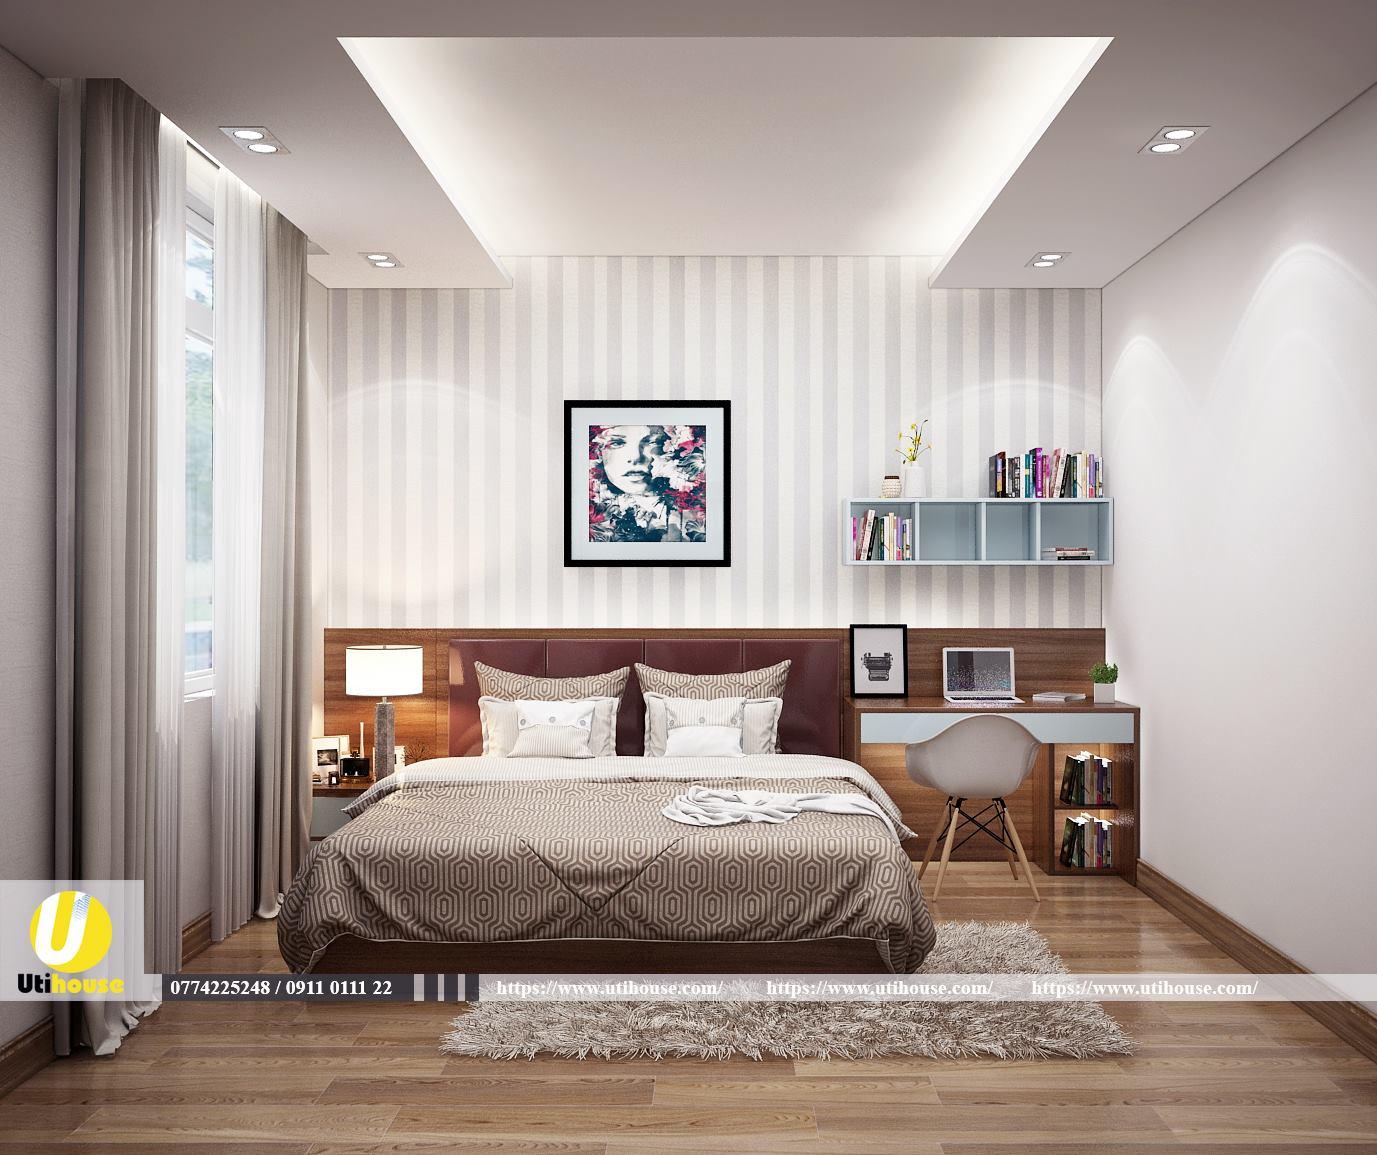 Mẫu thiết kế nội thất chung cư 65m2 năng động trẻ trung